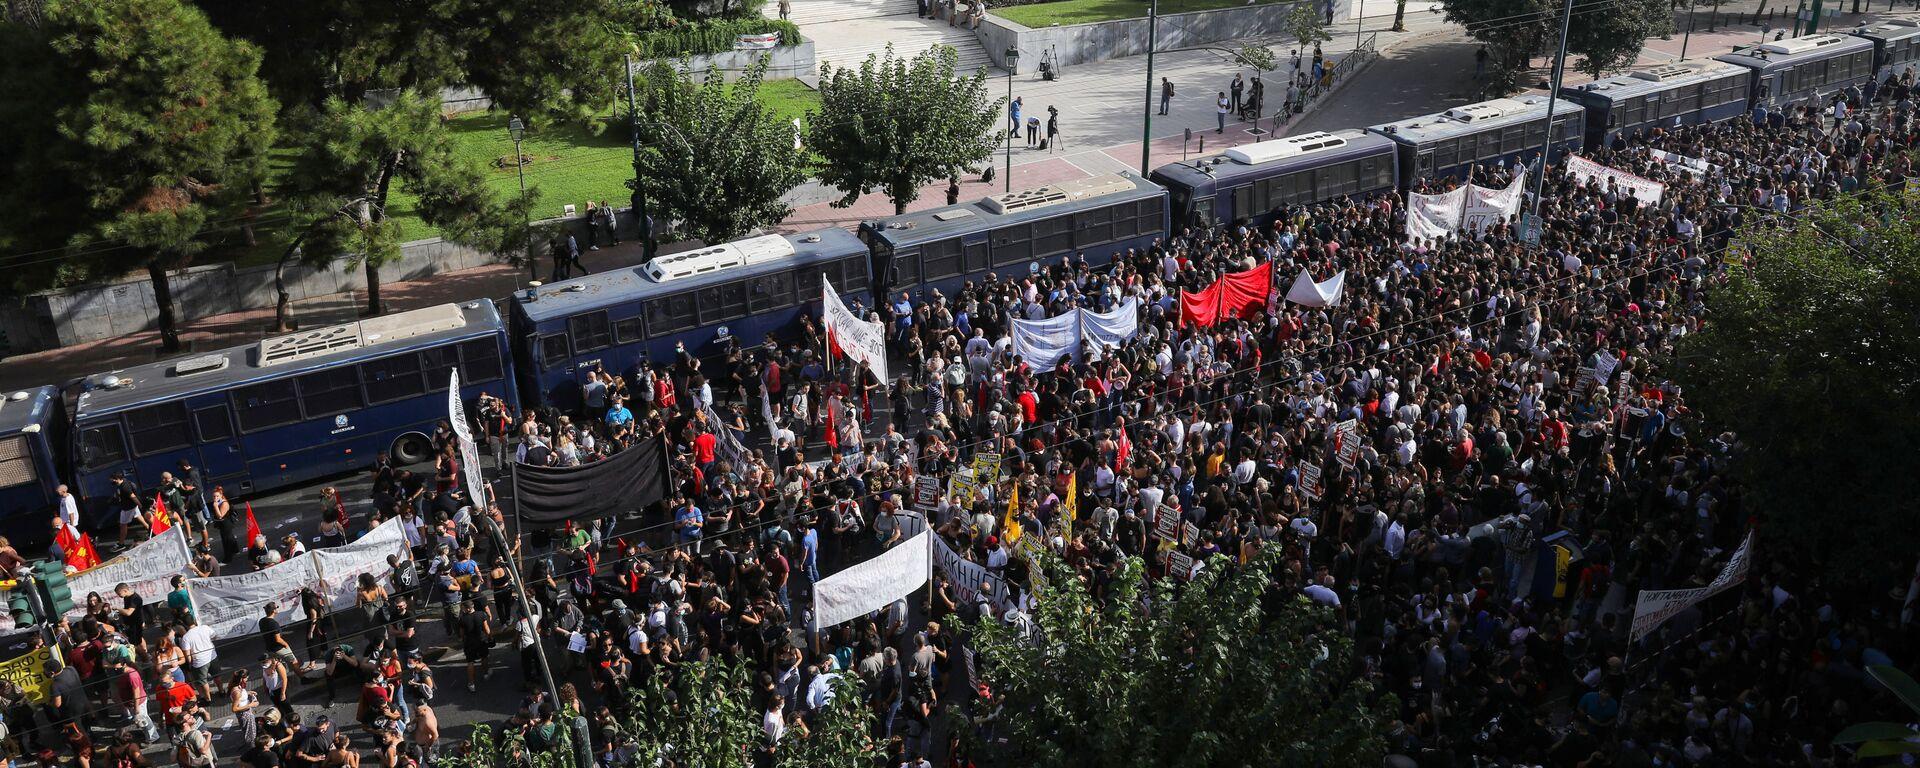 Protestas en Atenas, Grecia - Sputnik Mundo, 1920, 07.10.2020